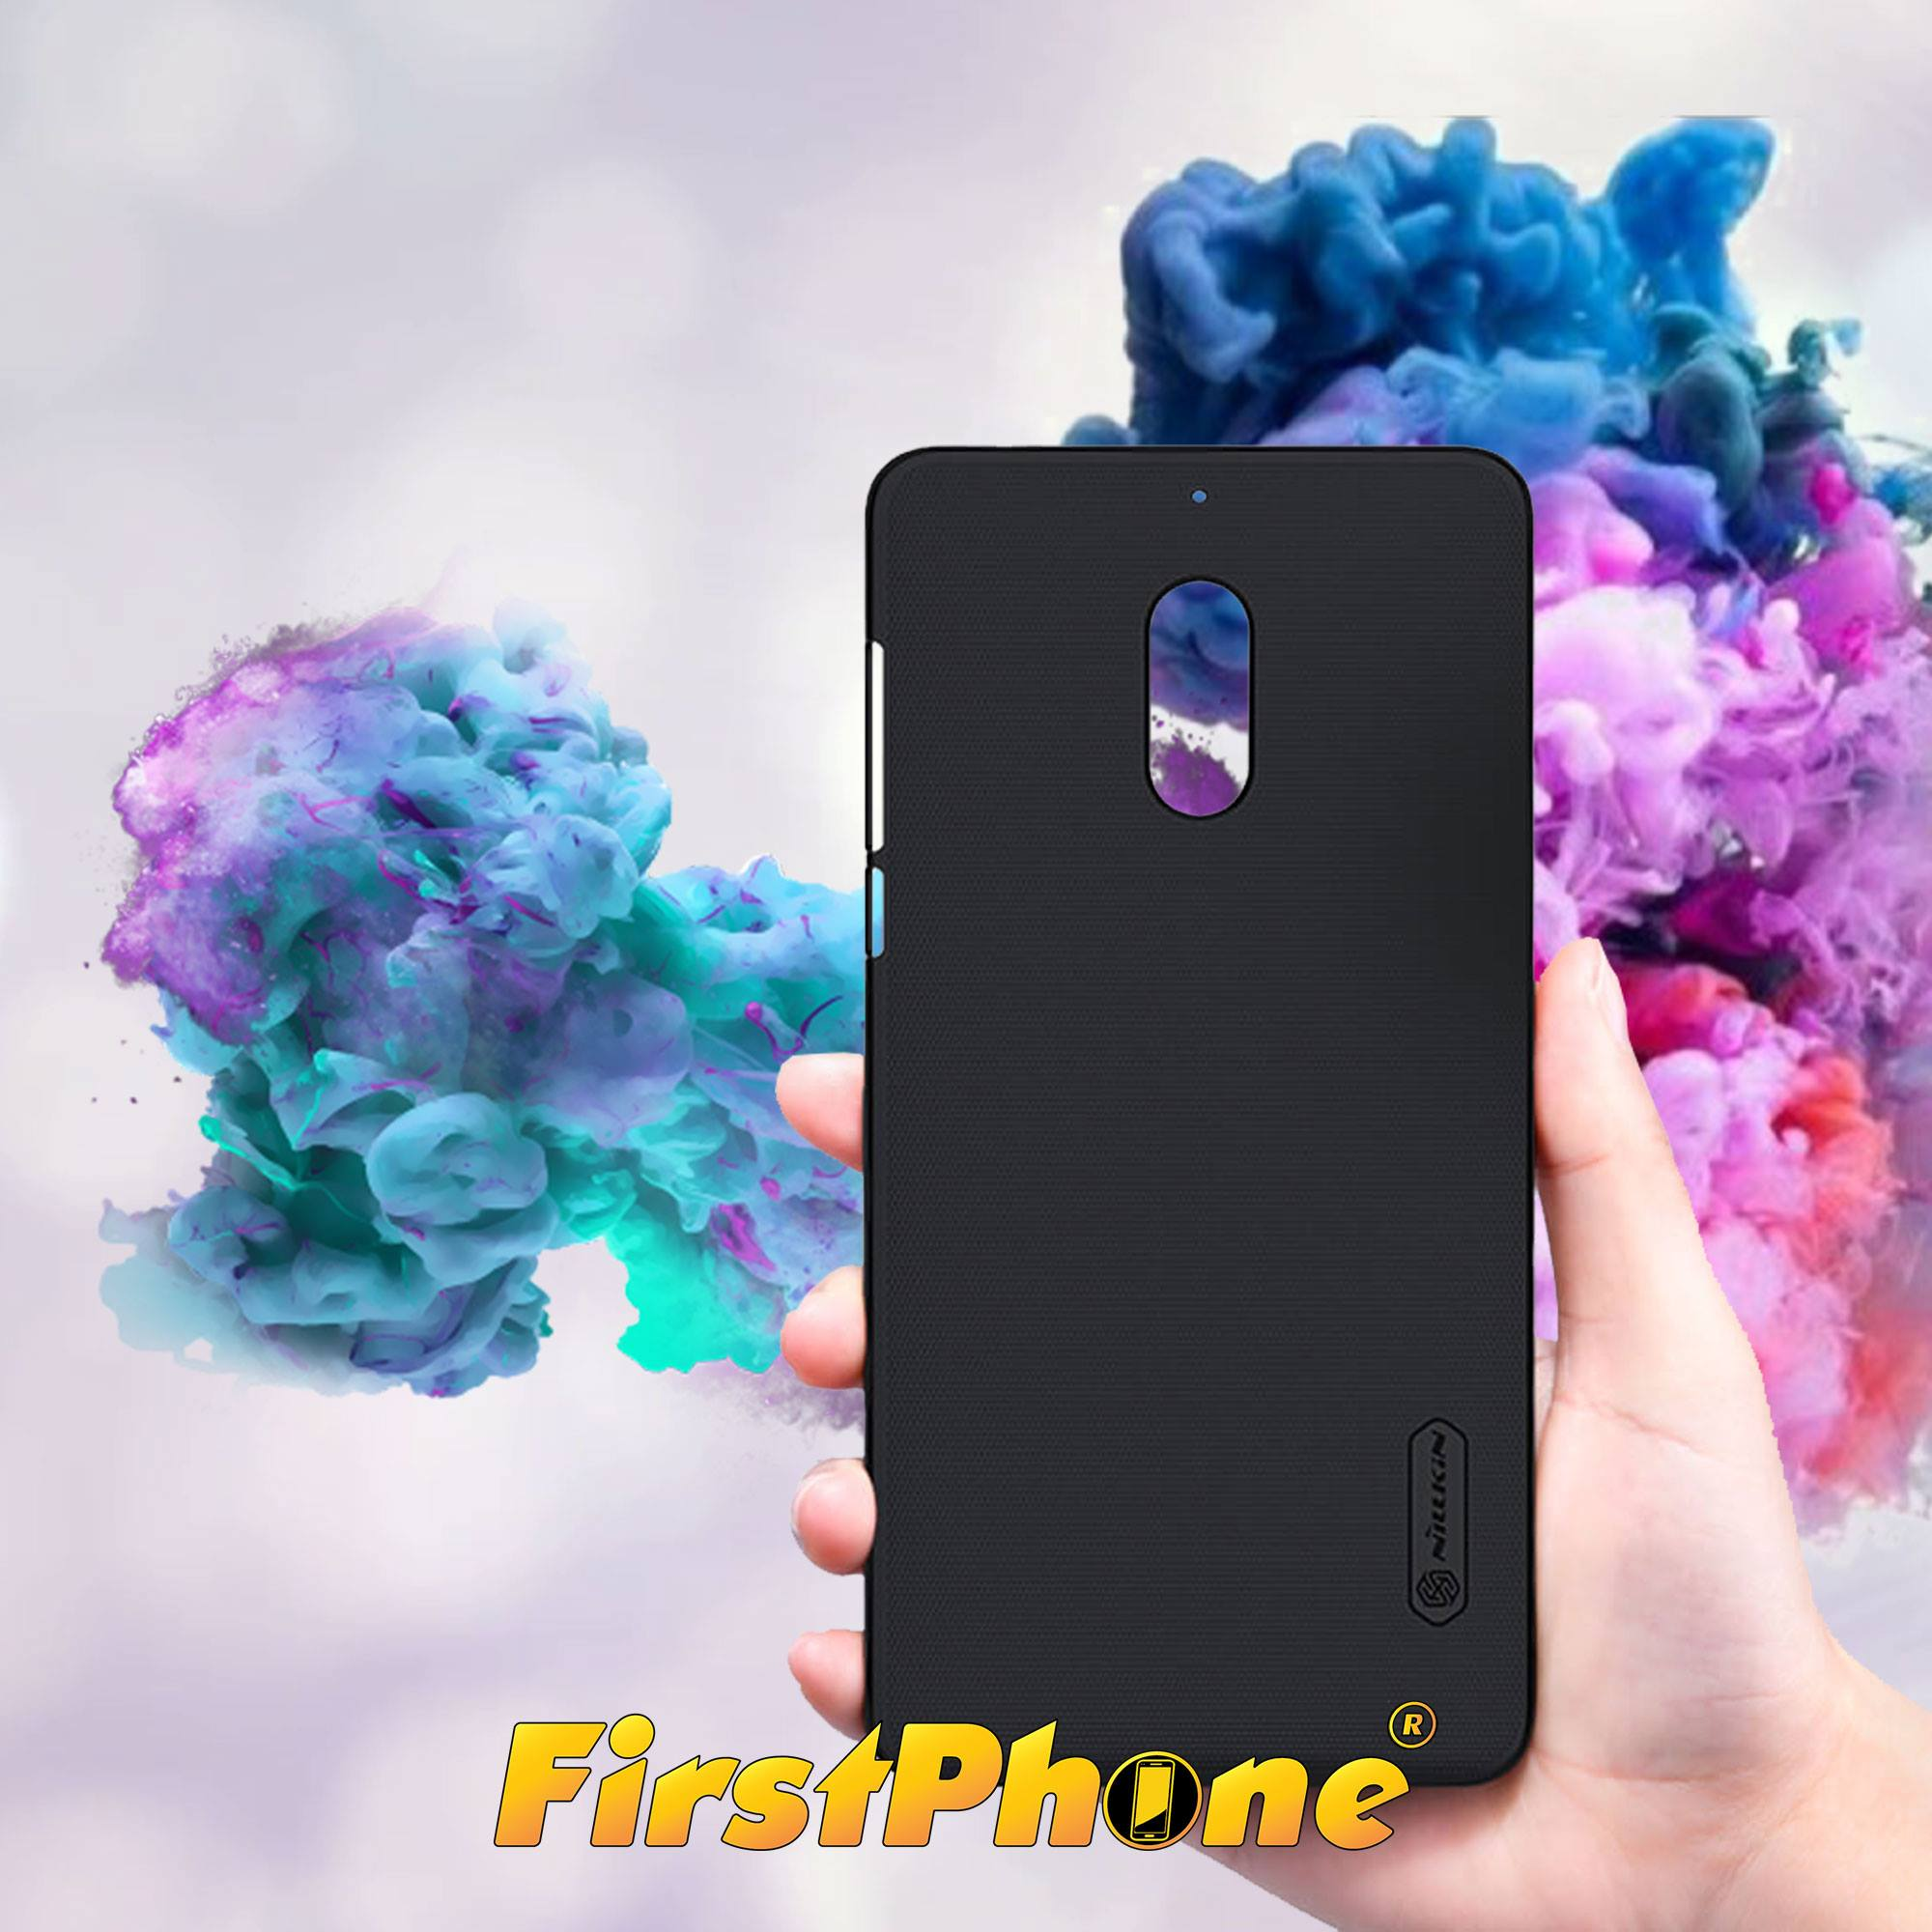 Óriási Firstphone Huawei tartozék kiárusítás